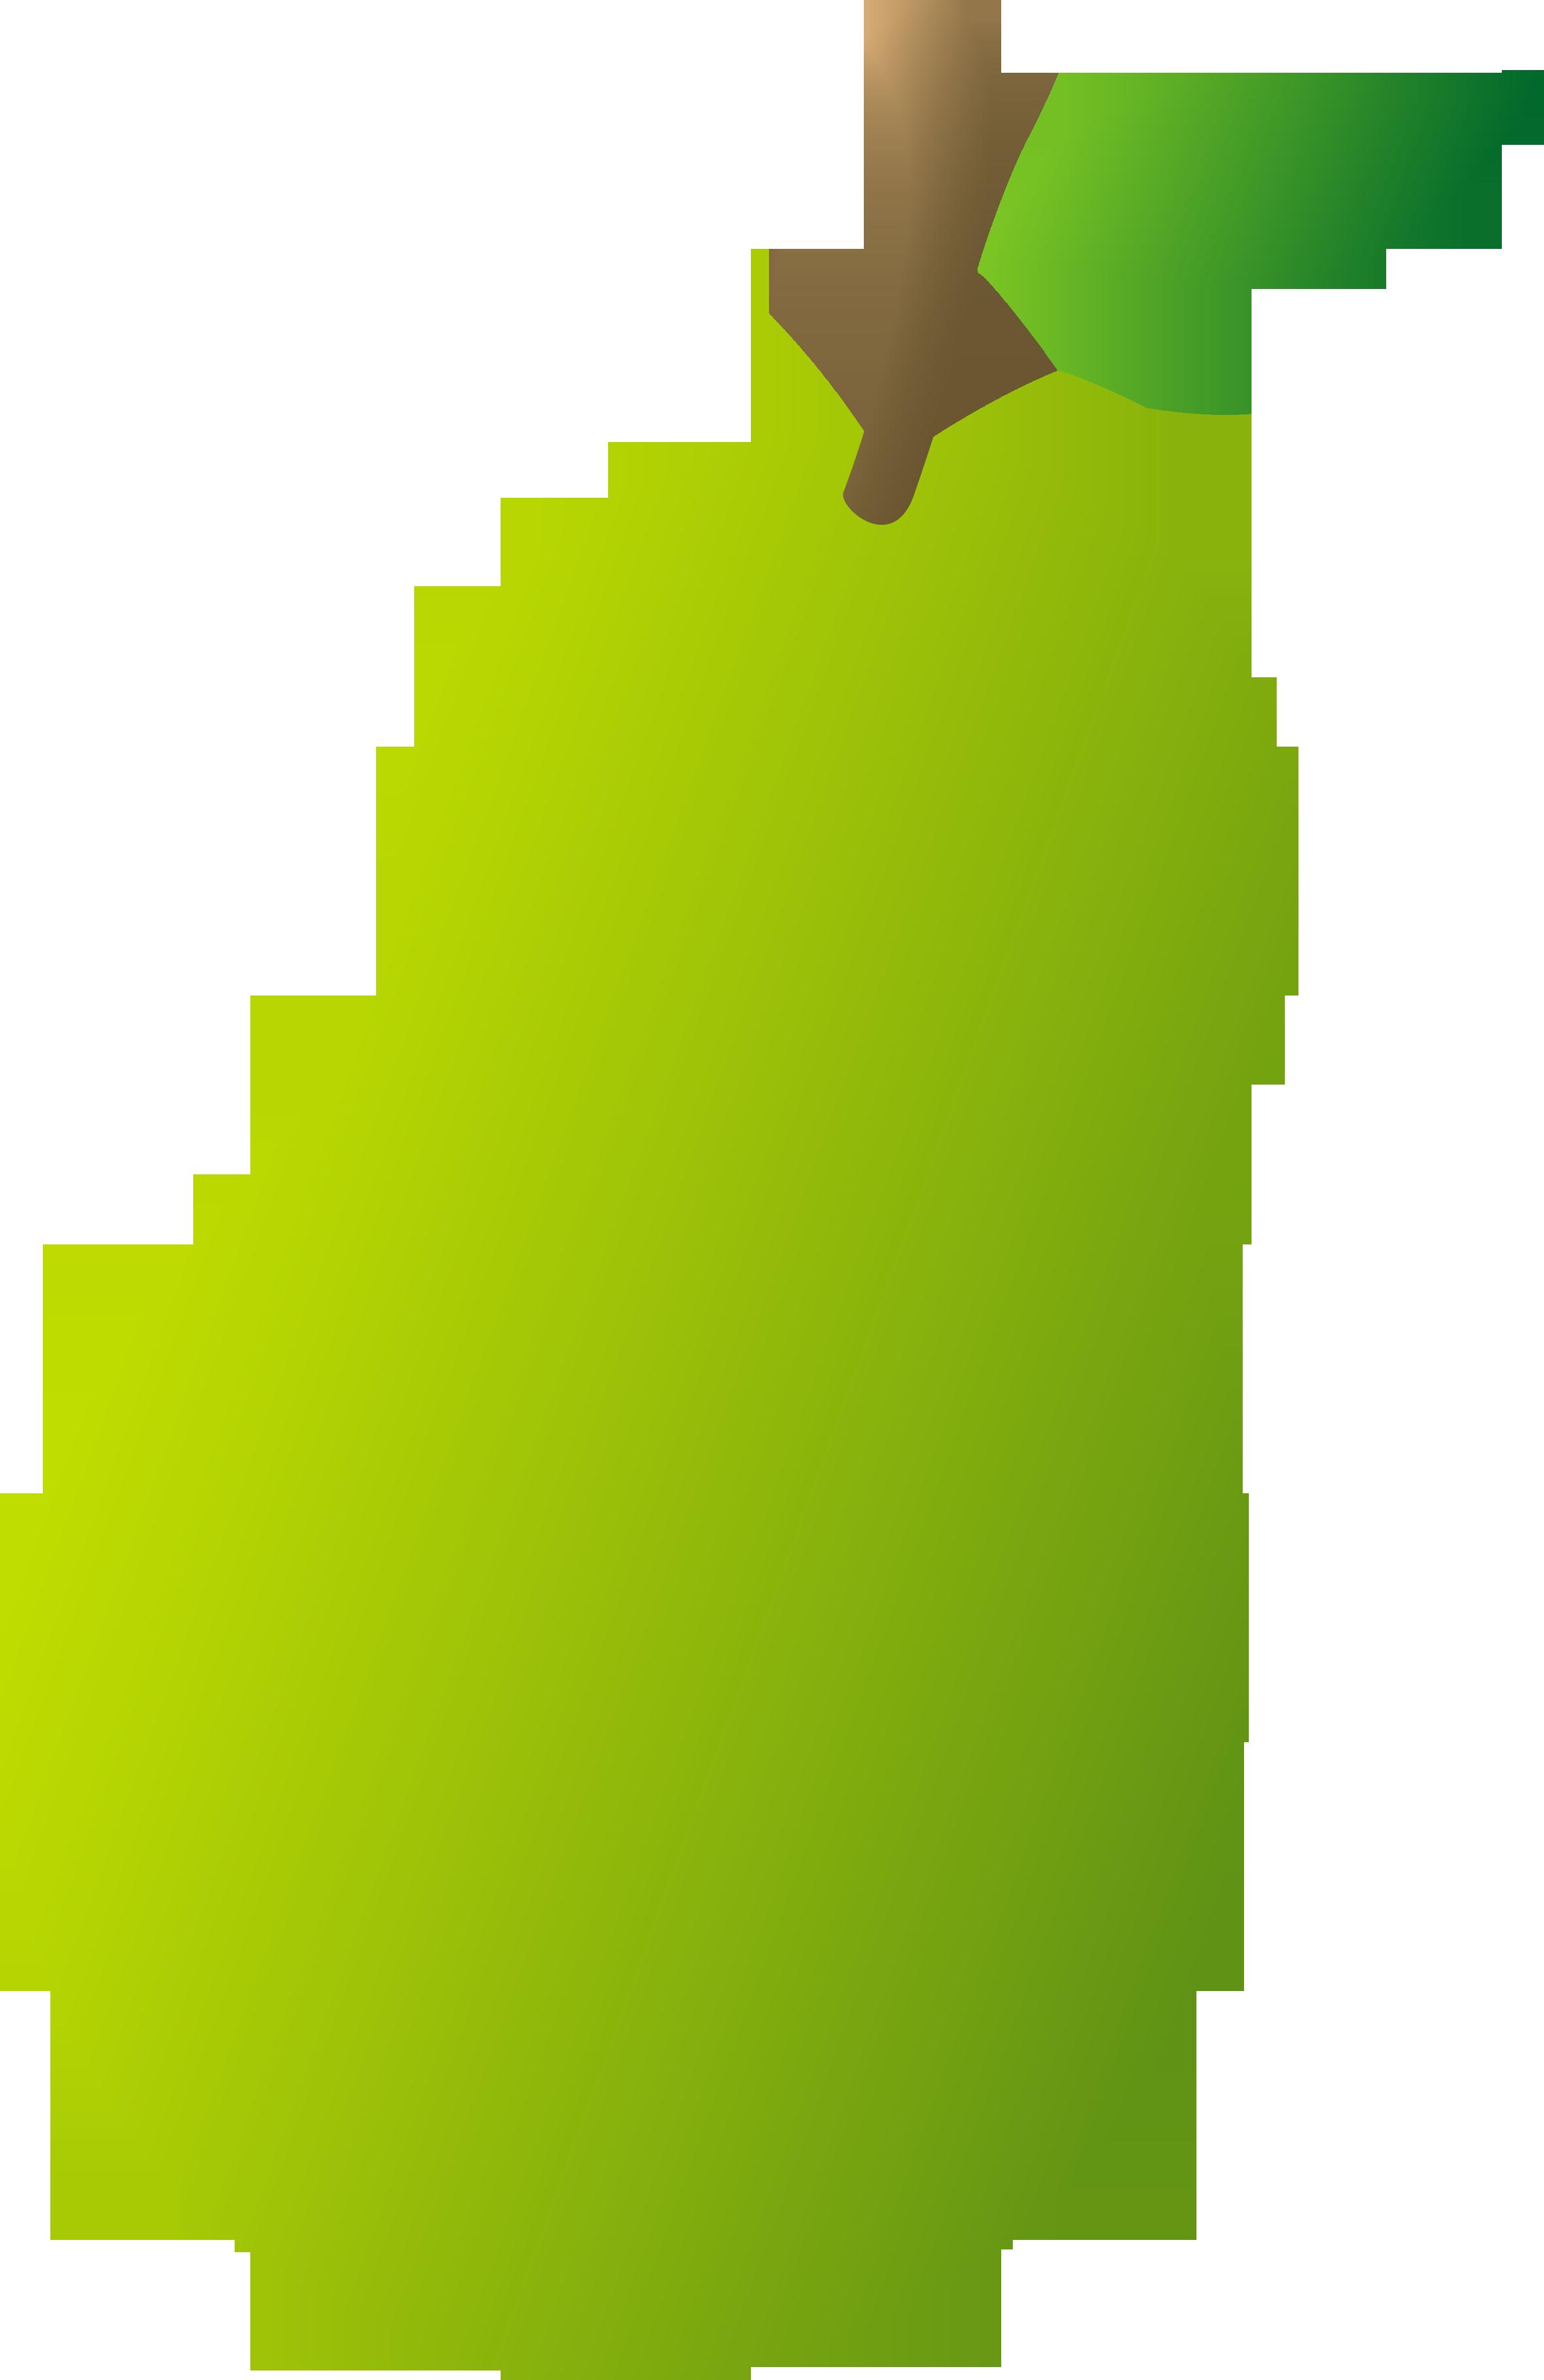 Green pear clip art.